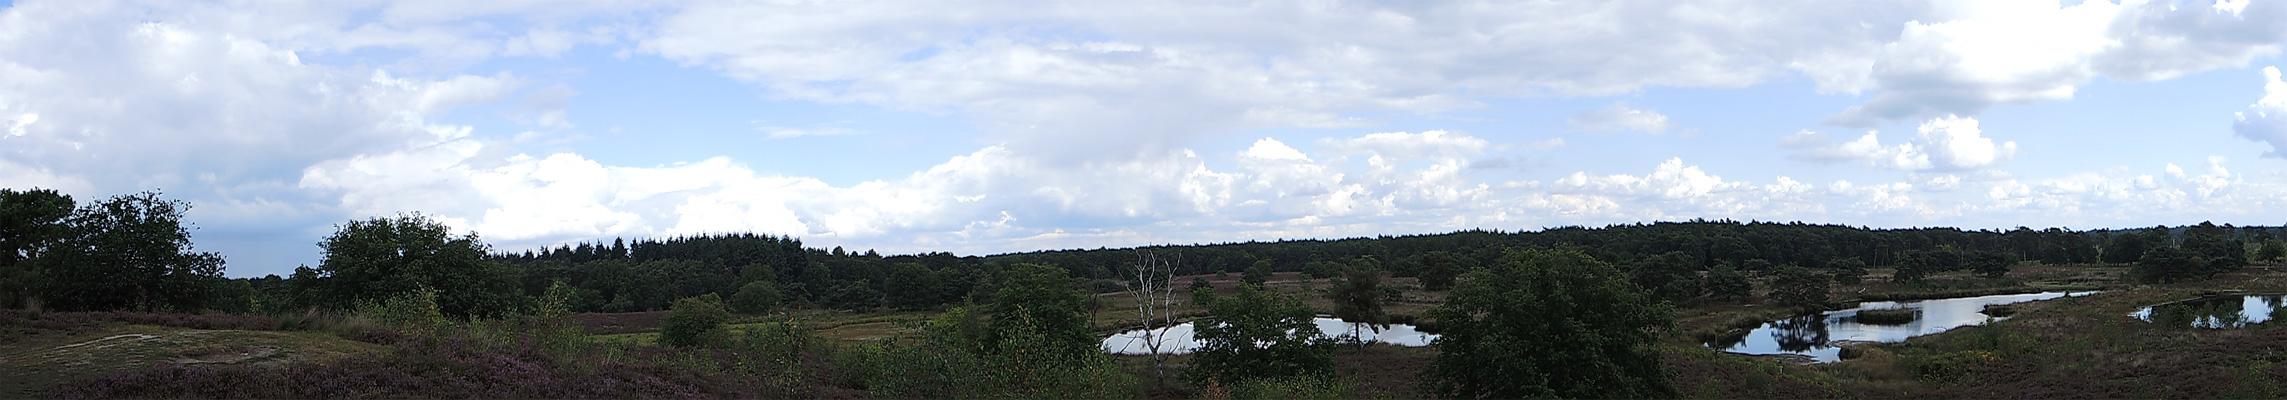 rivierduinenroute-panorama-voetzoekers